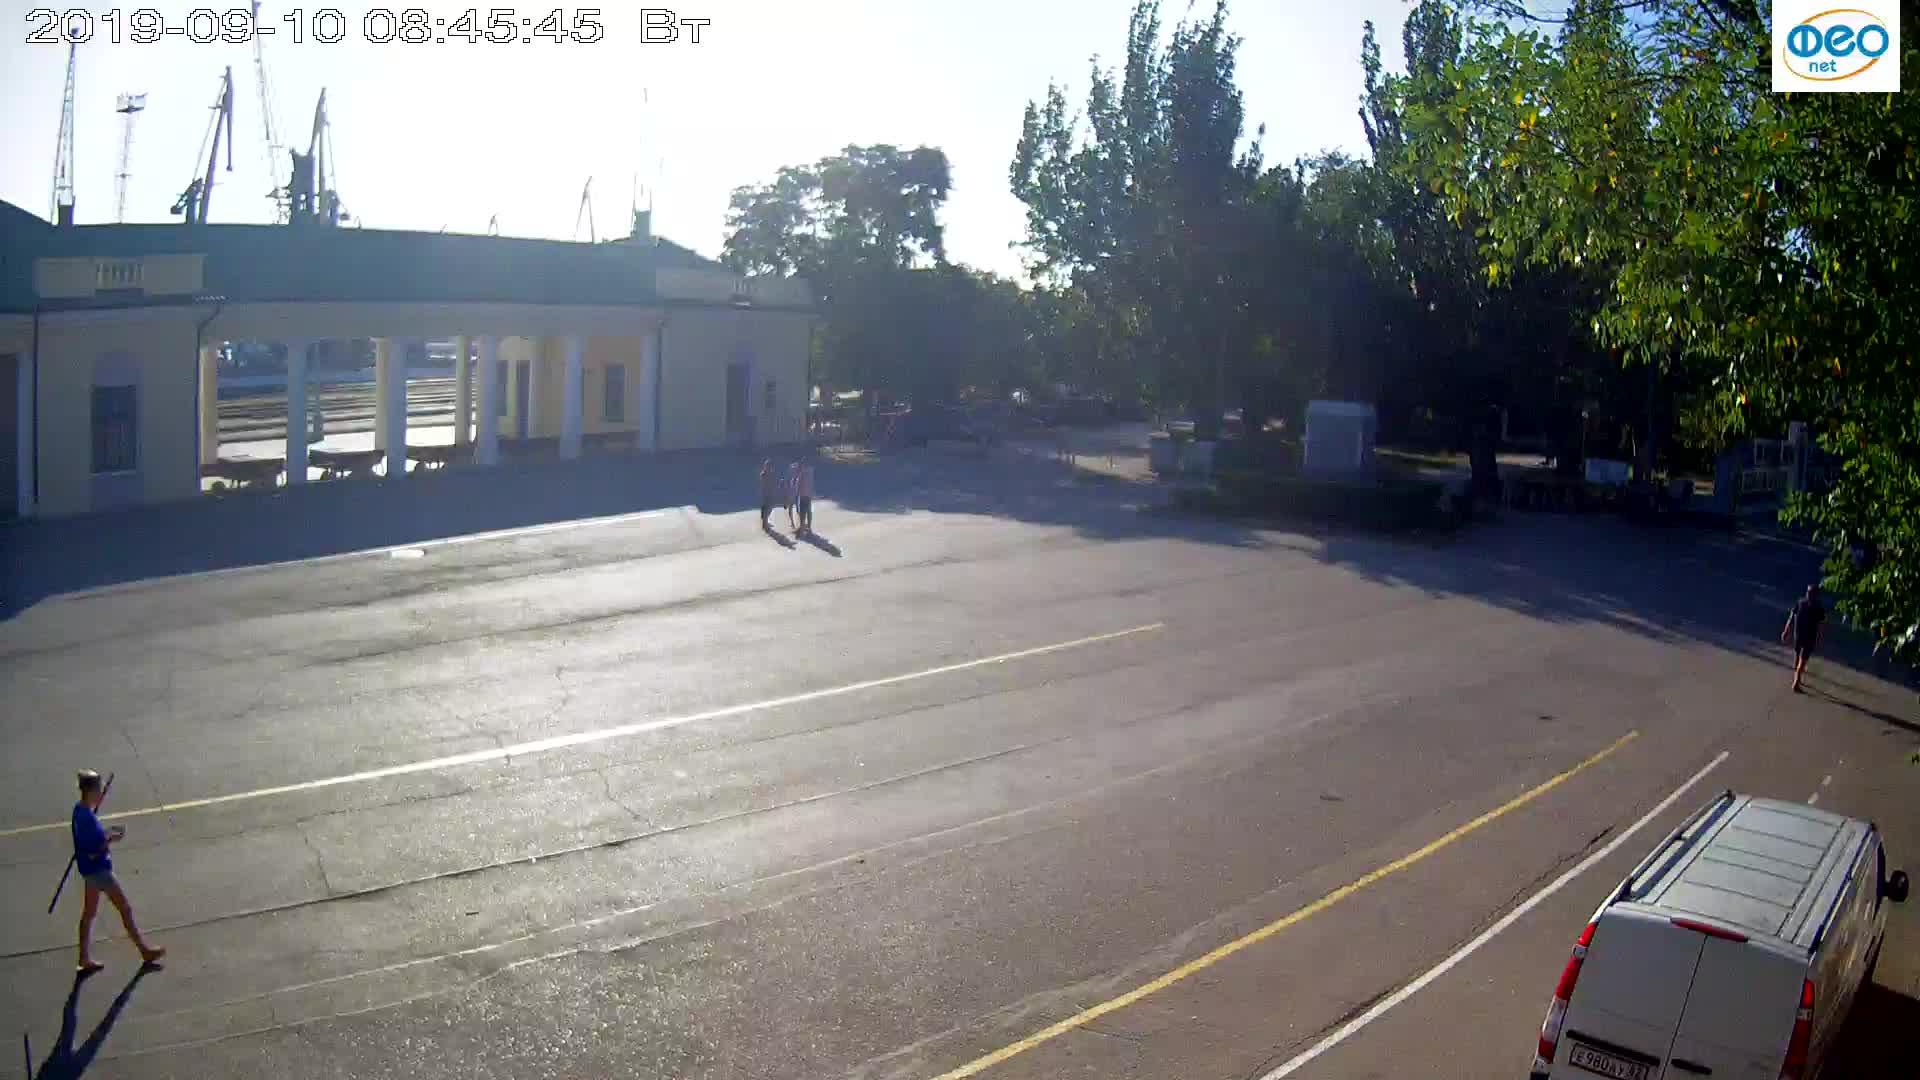 Веб-камеры Феодосии, Привокзальная площадь 2, 2019-09-10 08:33:09